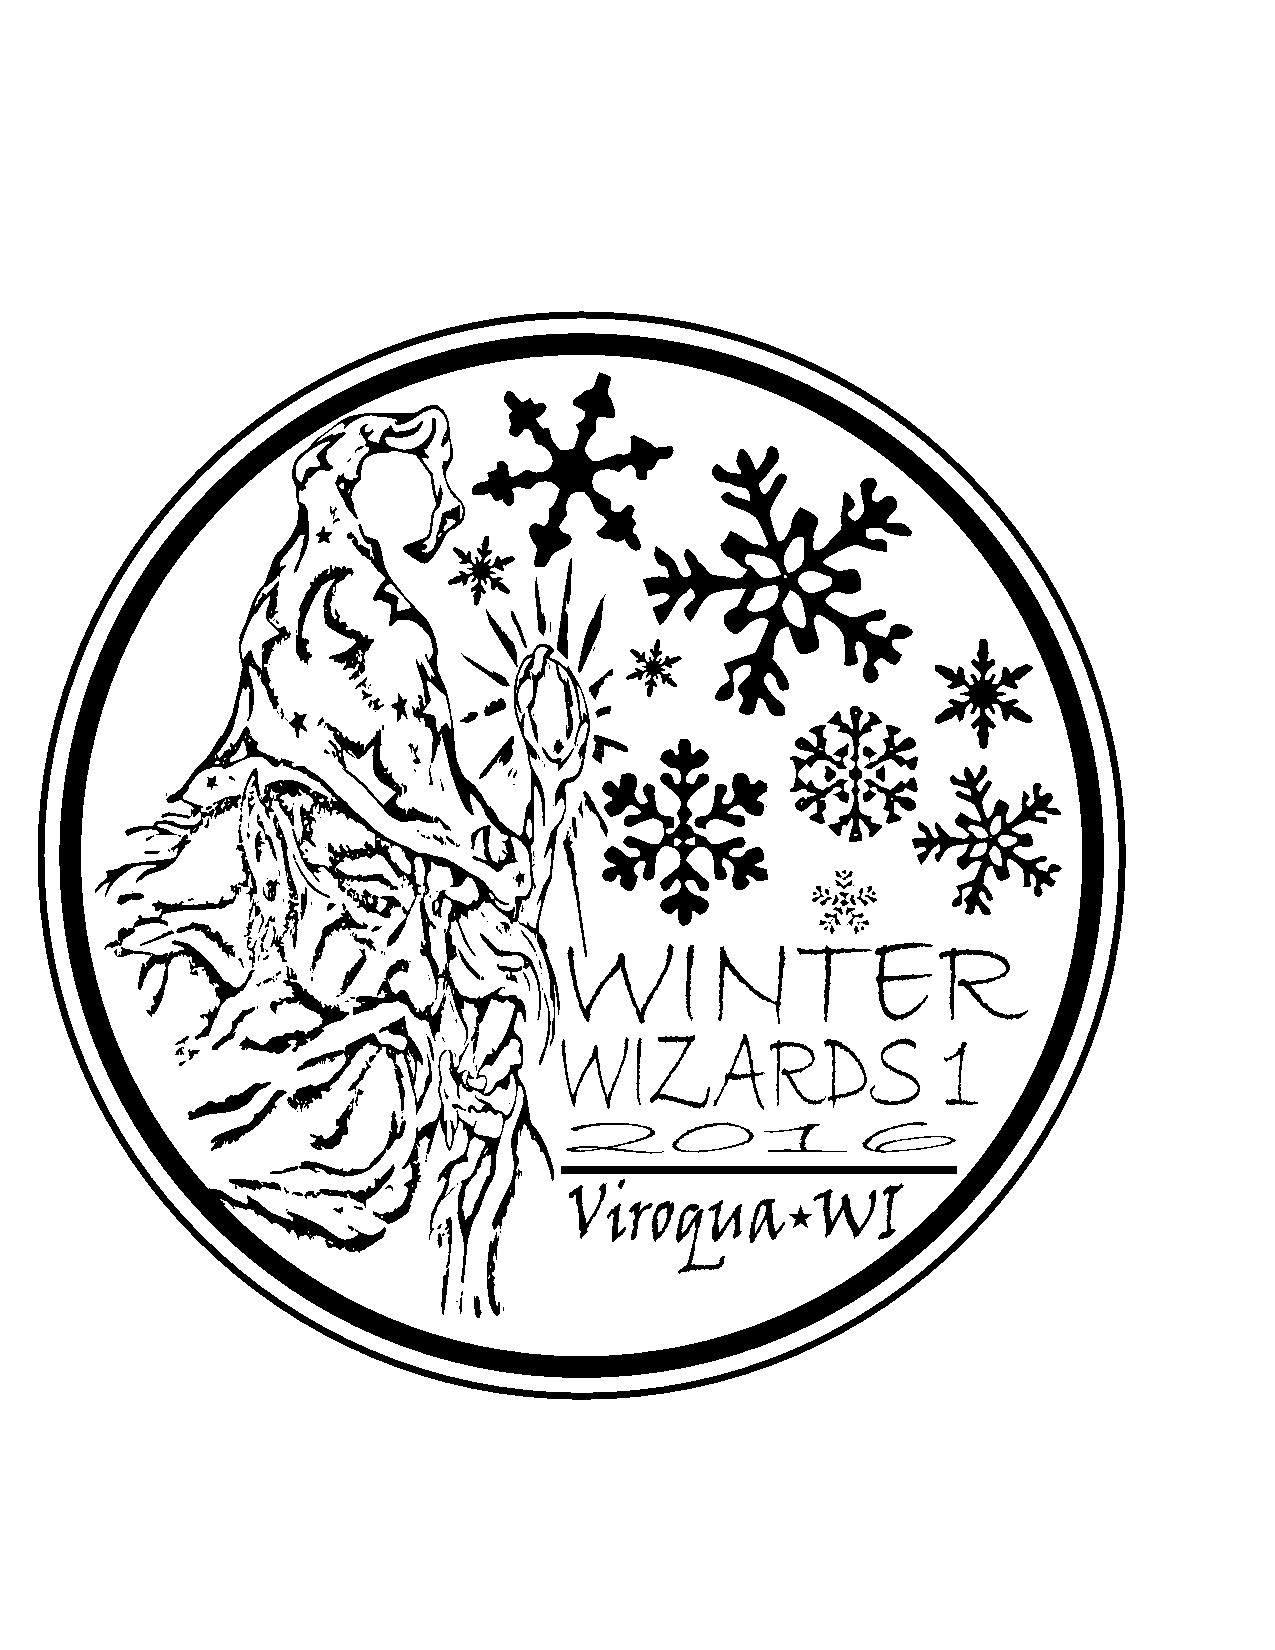 Winter Wizards 1